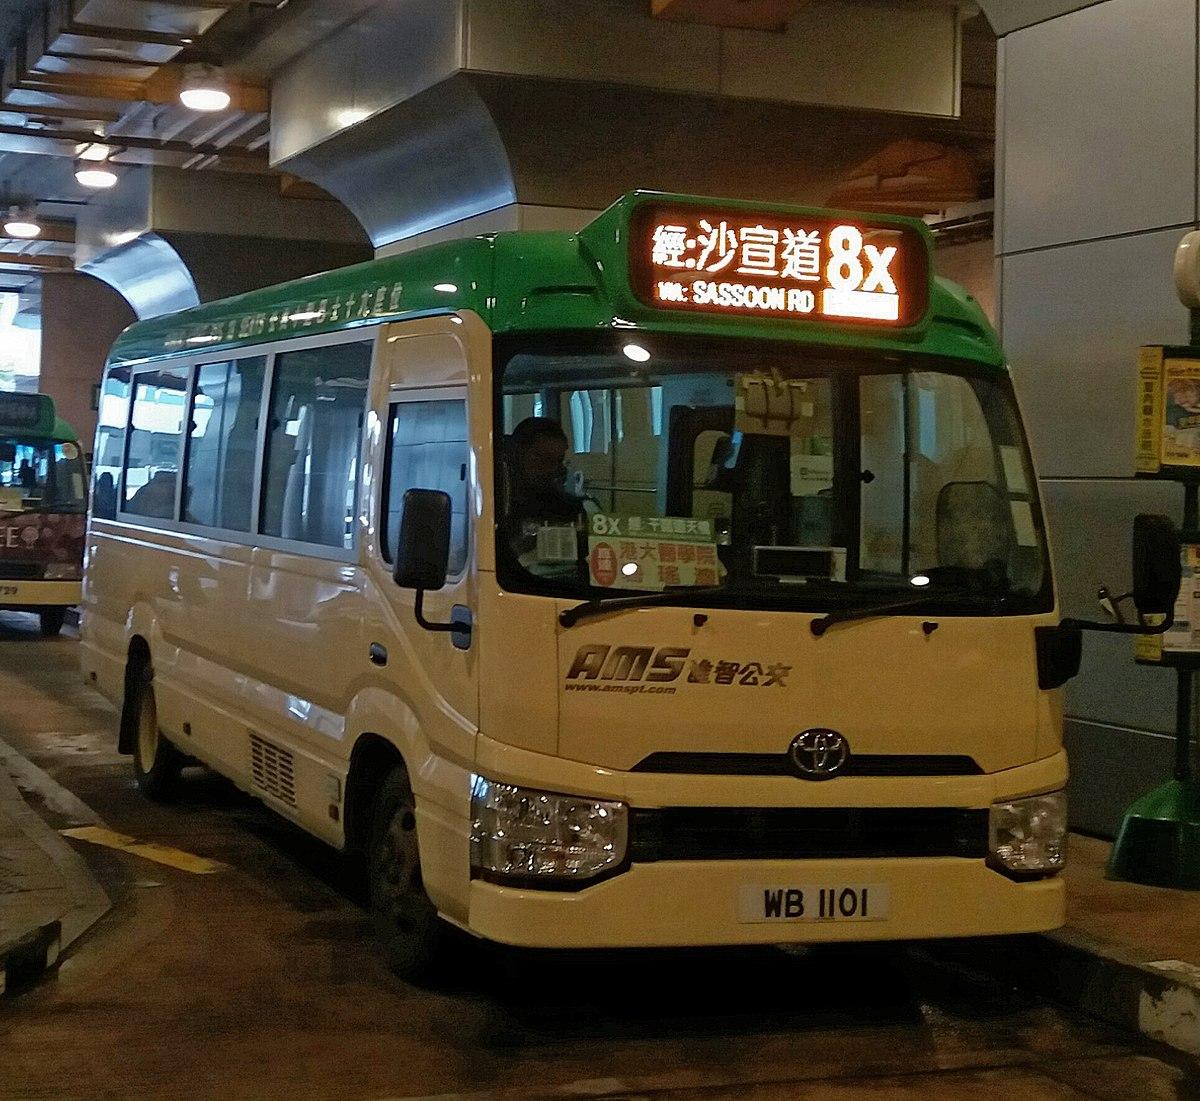 香港島專線小巴8號線 - 維基百科。自由的百科全書